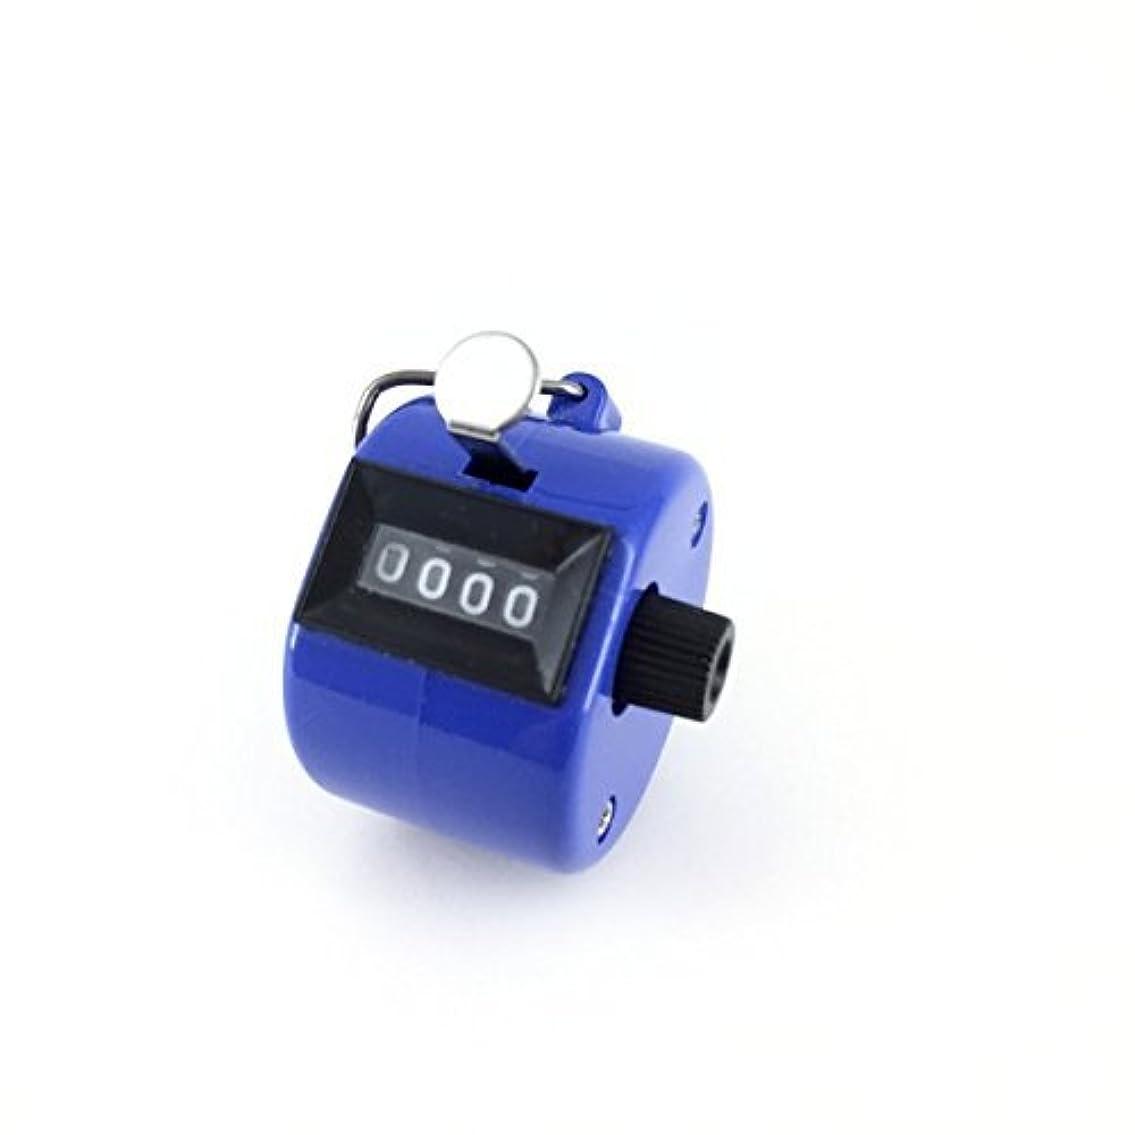 のヒープピックパイントエクステカウンター 手持ちホルダー付き 数取器 まつげエクステ用品 カラー4色 (ブルー)